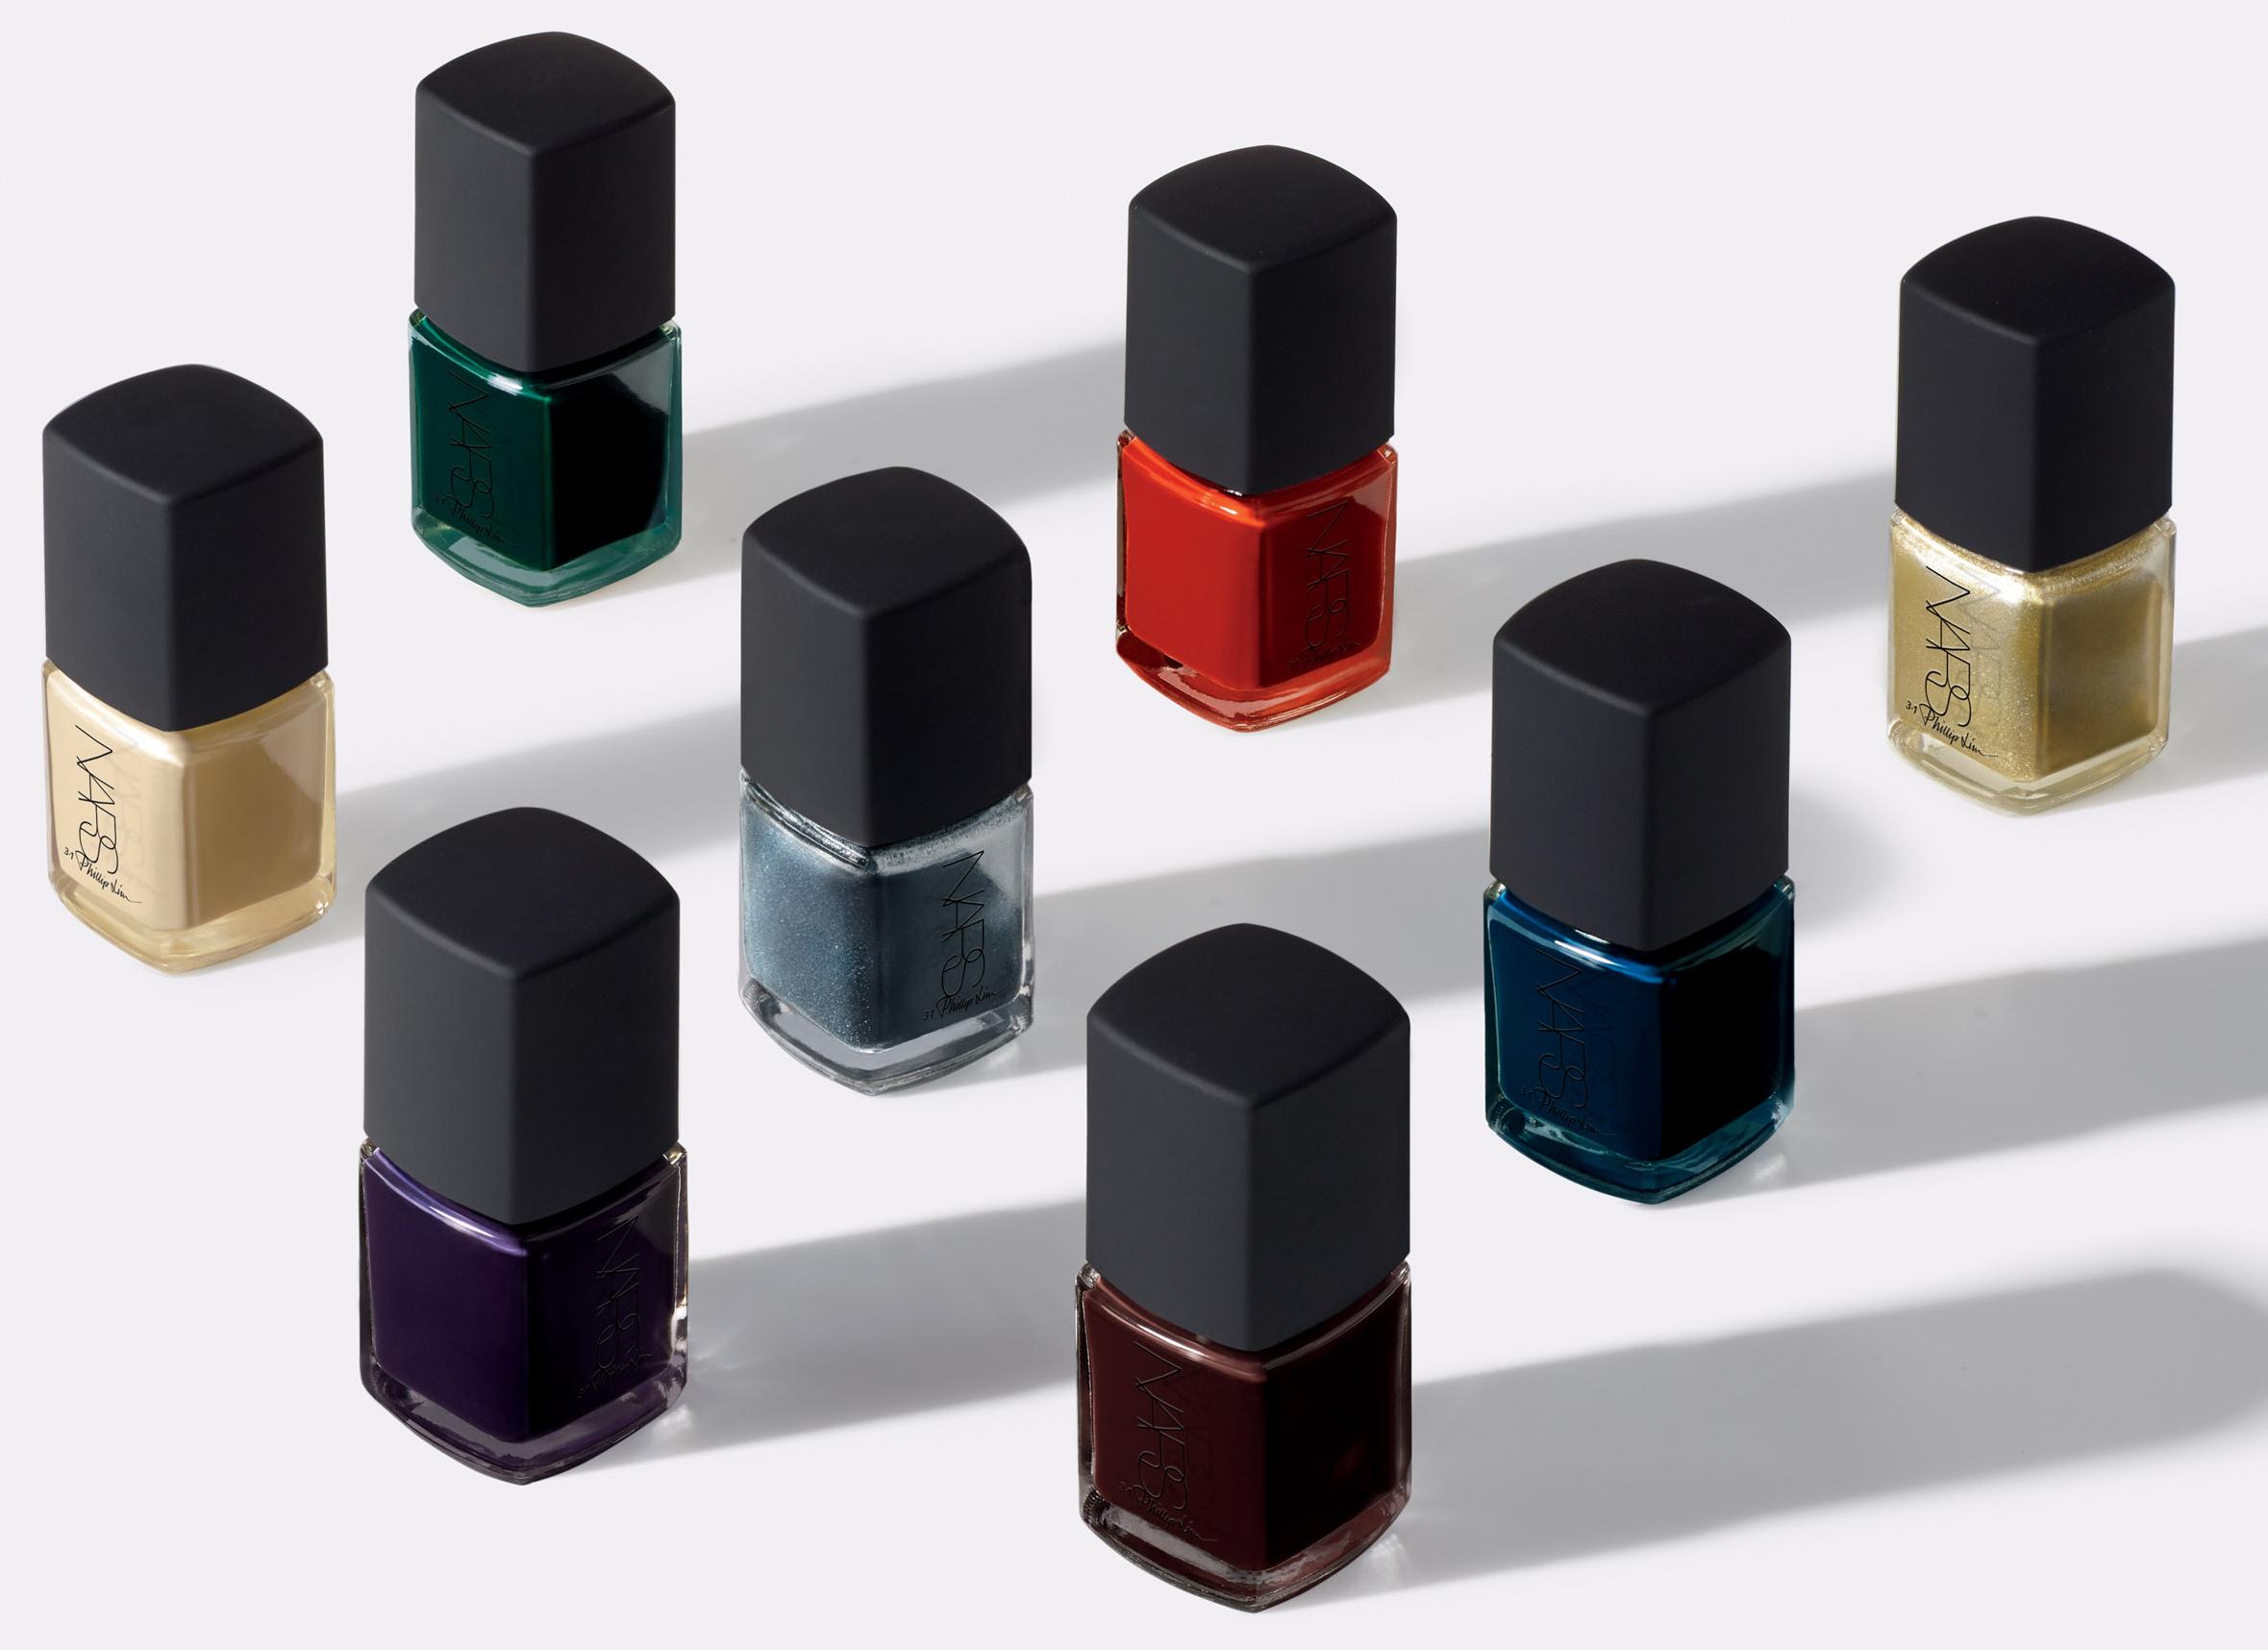 a coleção de esmaltes criada em parceria com o famoso estilista Phillip Lim para a Nars apresenta seis cores vibrantes, cremosas e cintilantes. Preço sugerido: R$ 74